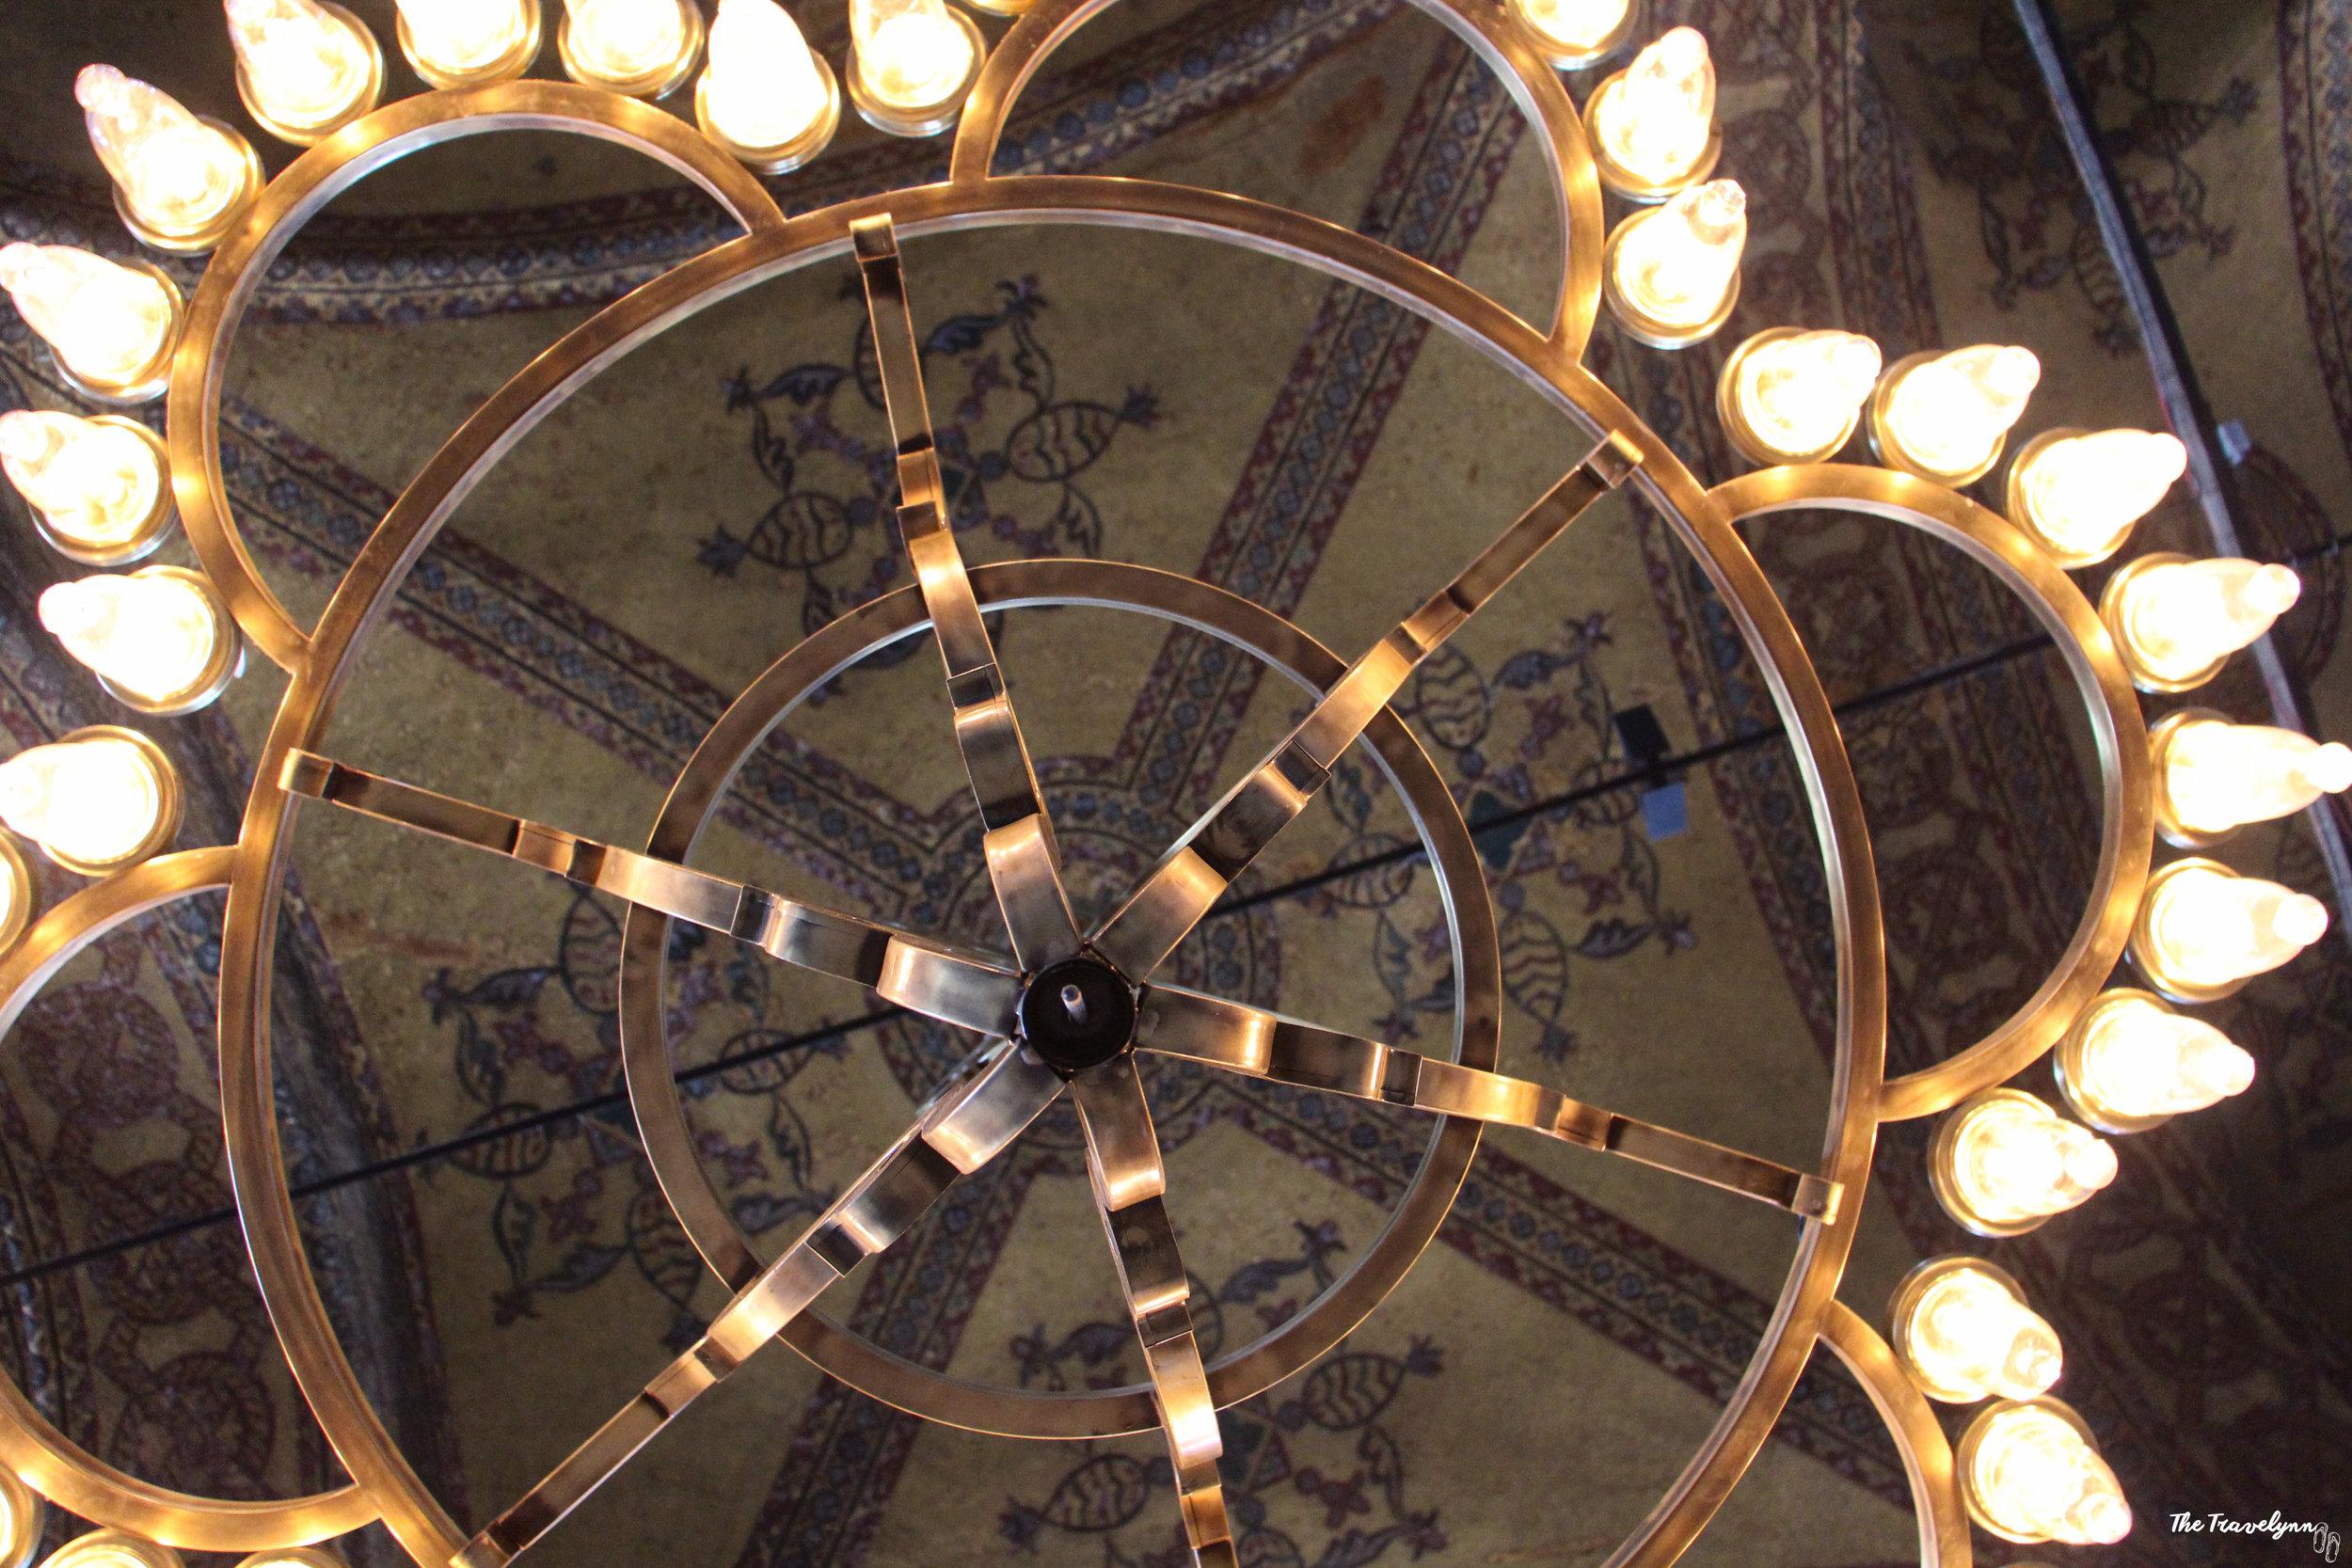 Hagia Sophia ceiling